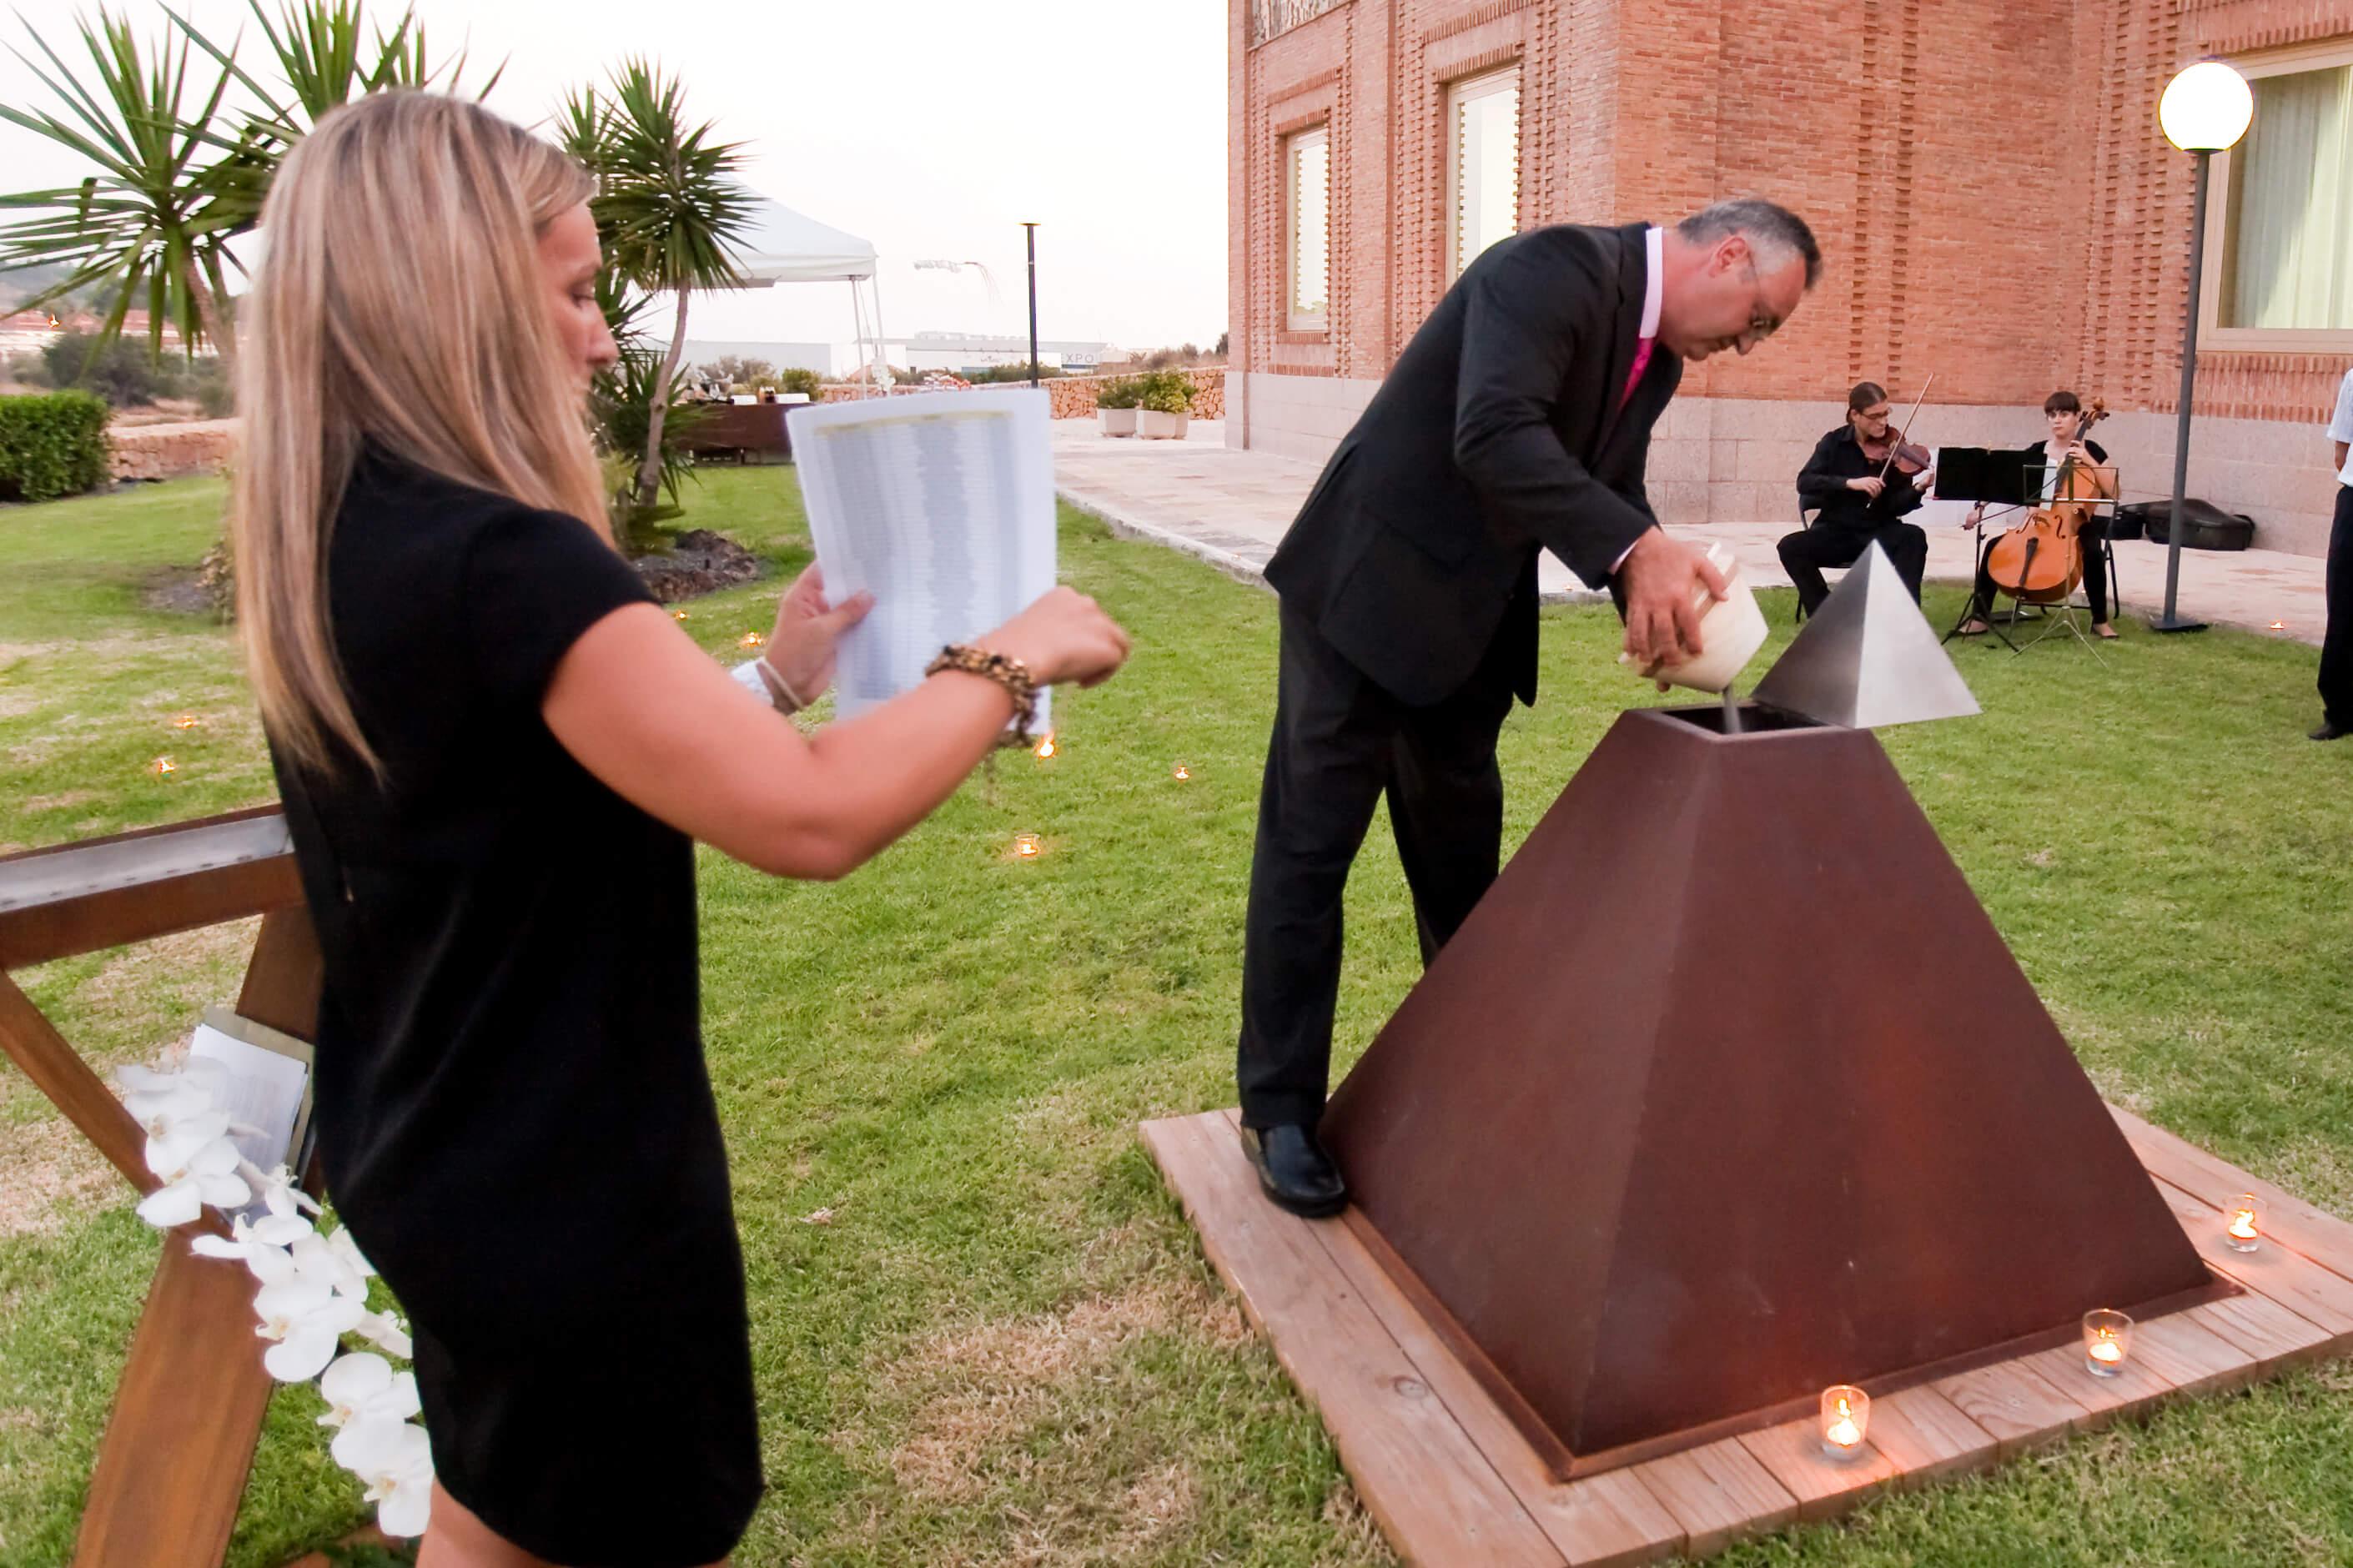 GRUPO ASV Servicios Funerarios ofrece un destino digno a las cenizas que custodia